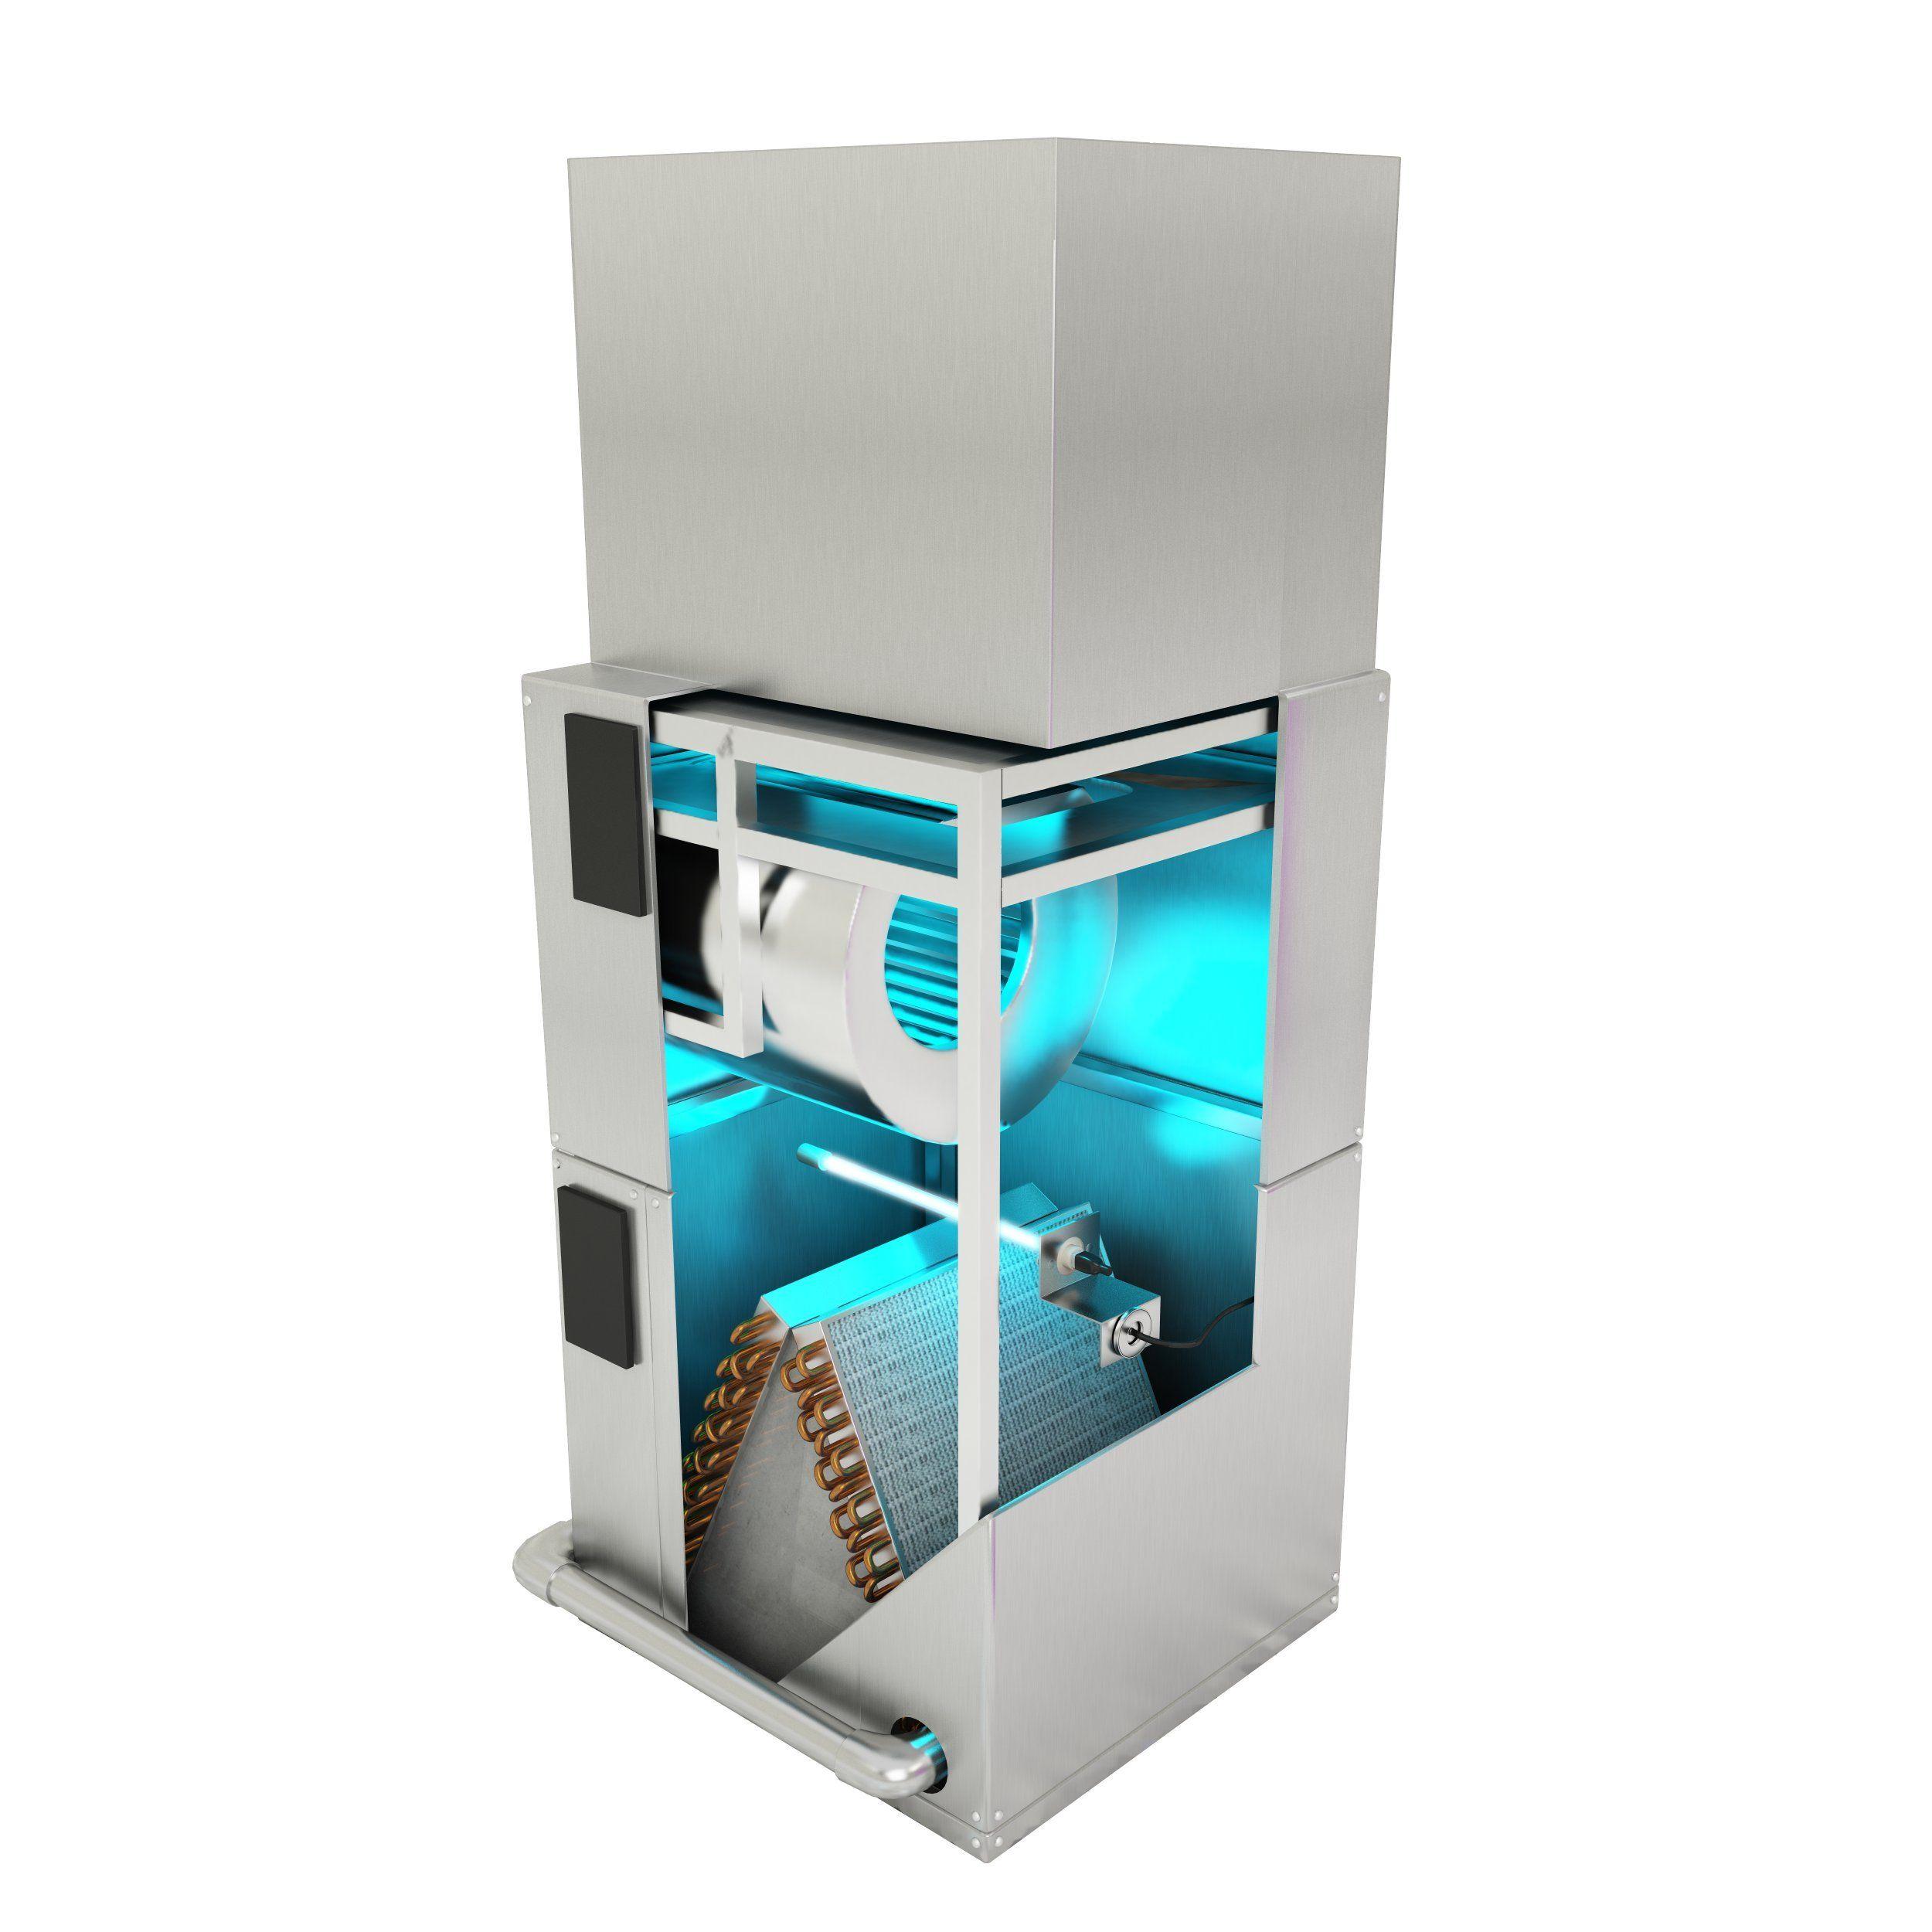 24 volts Pureuv Uv Light AIR Purifier for Ac Hvac Coil 24v